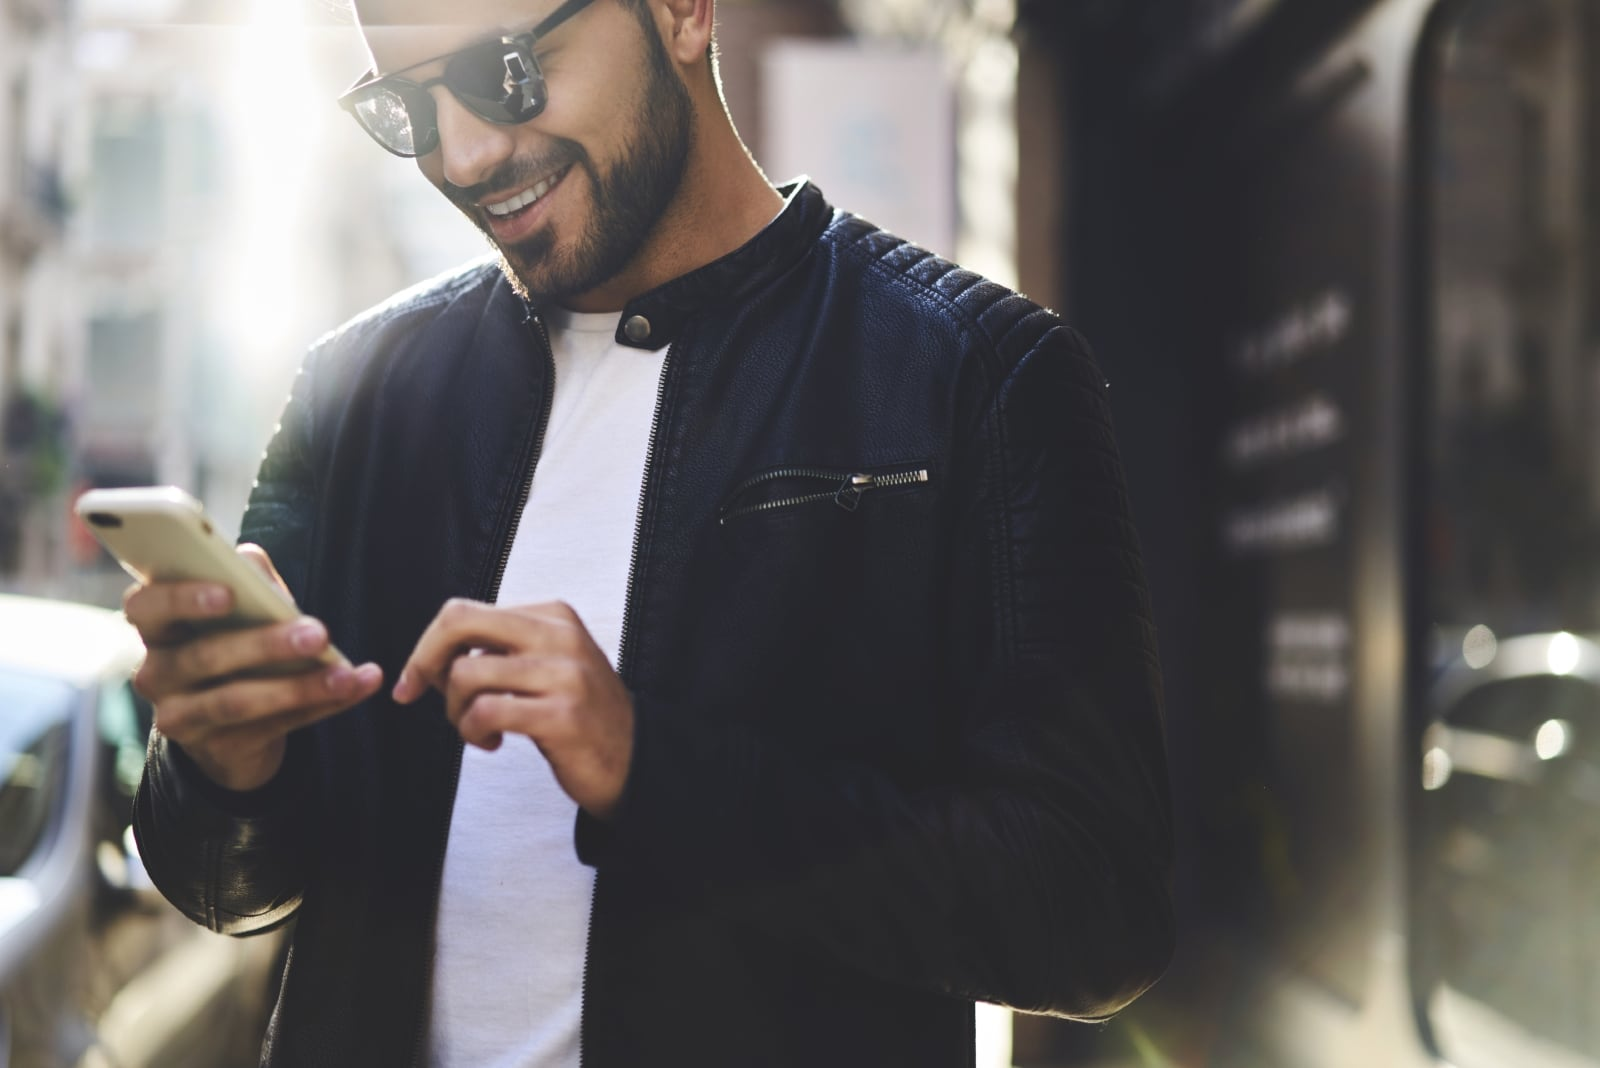 happy man in black jacket looking at phone